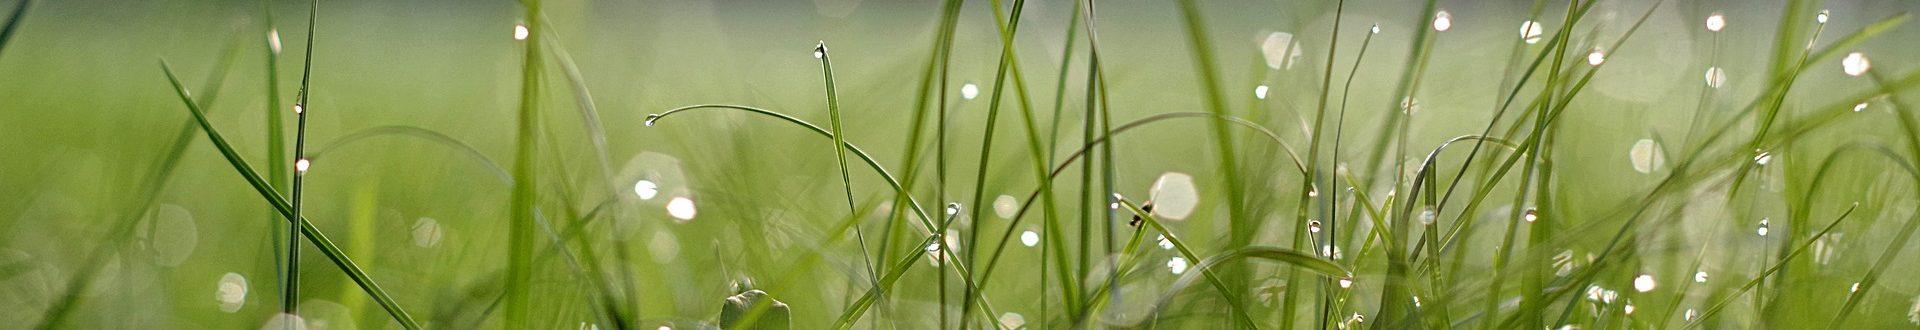 grass-2478926_1920